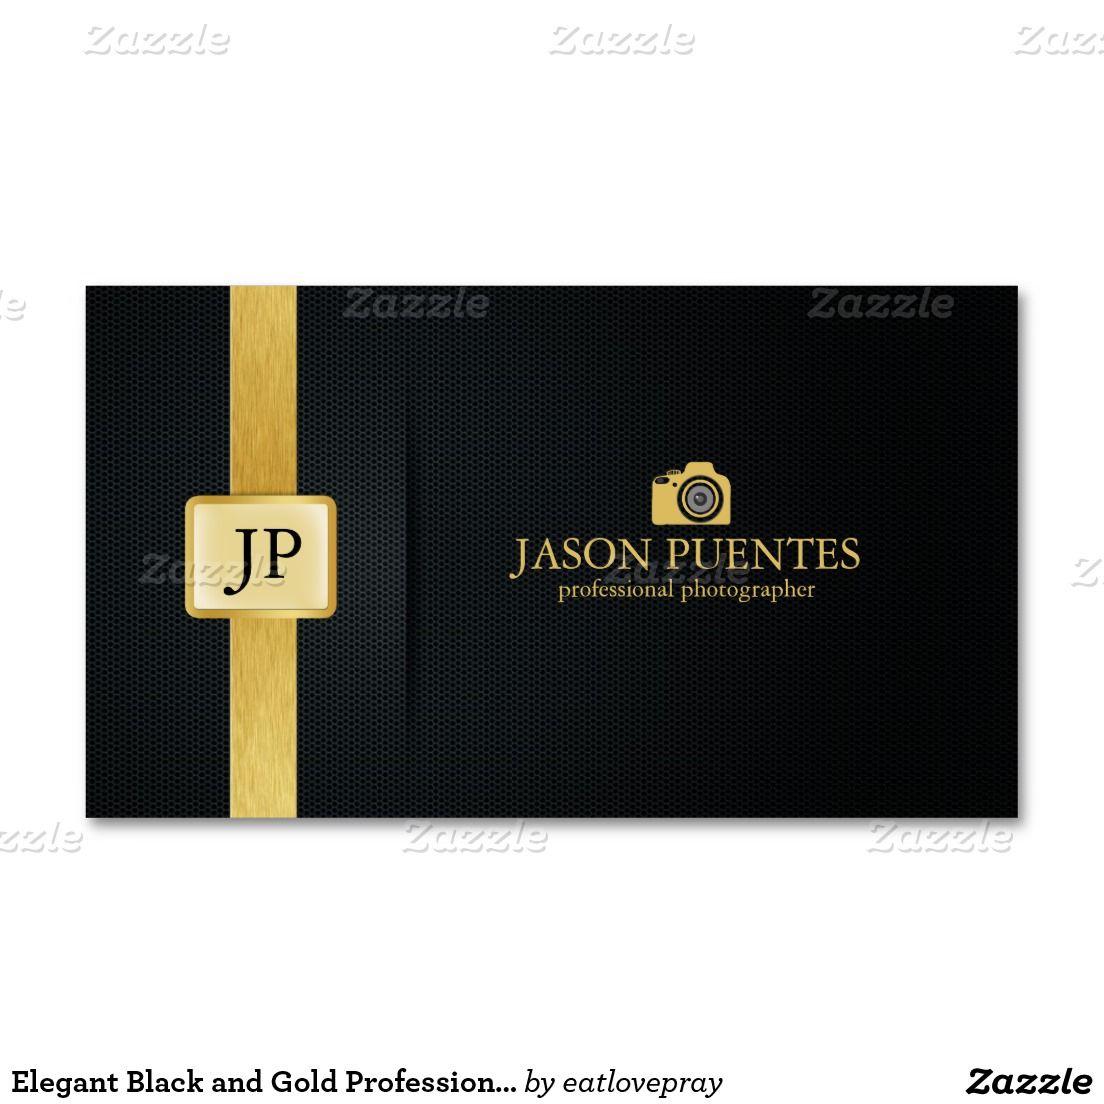 Eleganter Schwarz Und Goldberuflicher Fotograf Visitenkarte